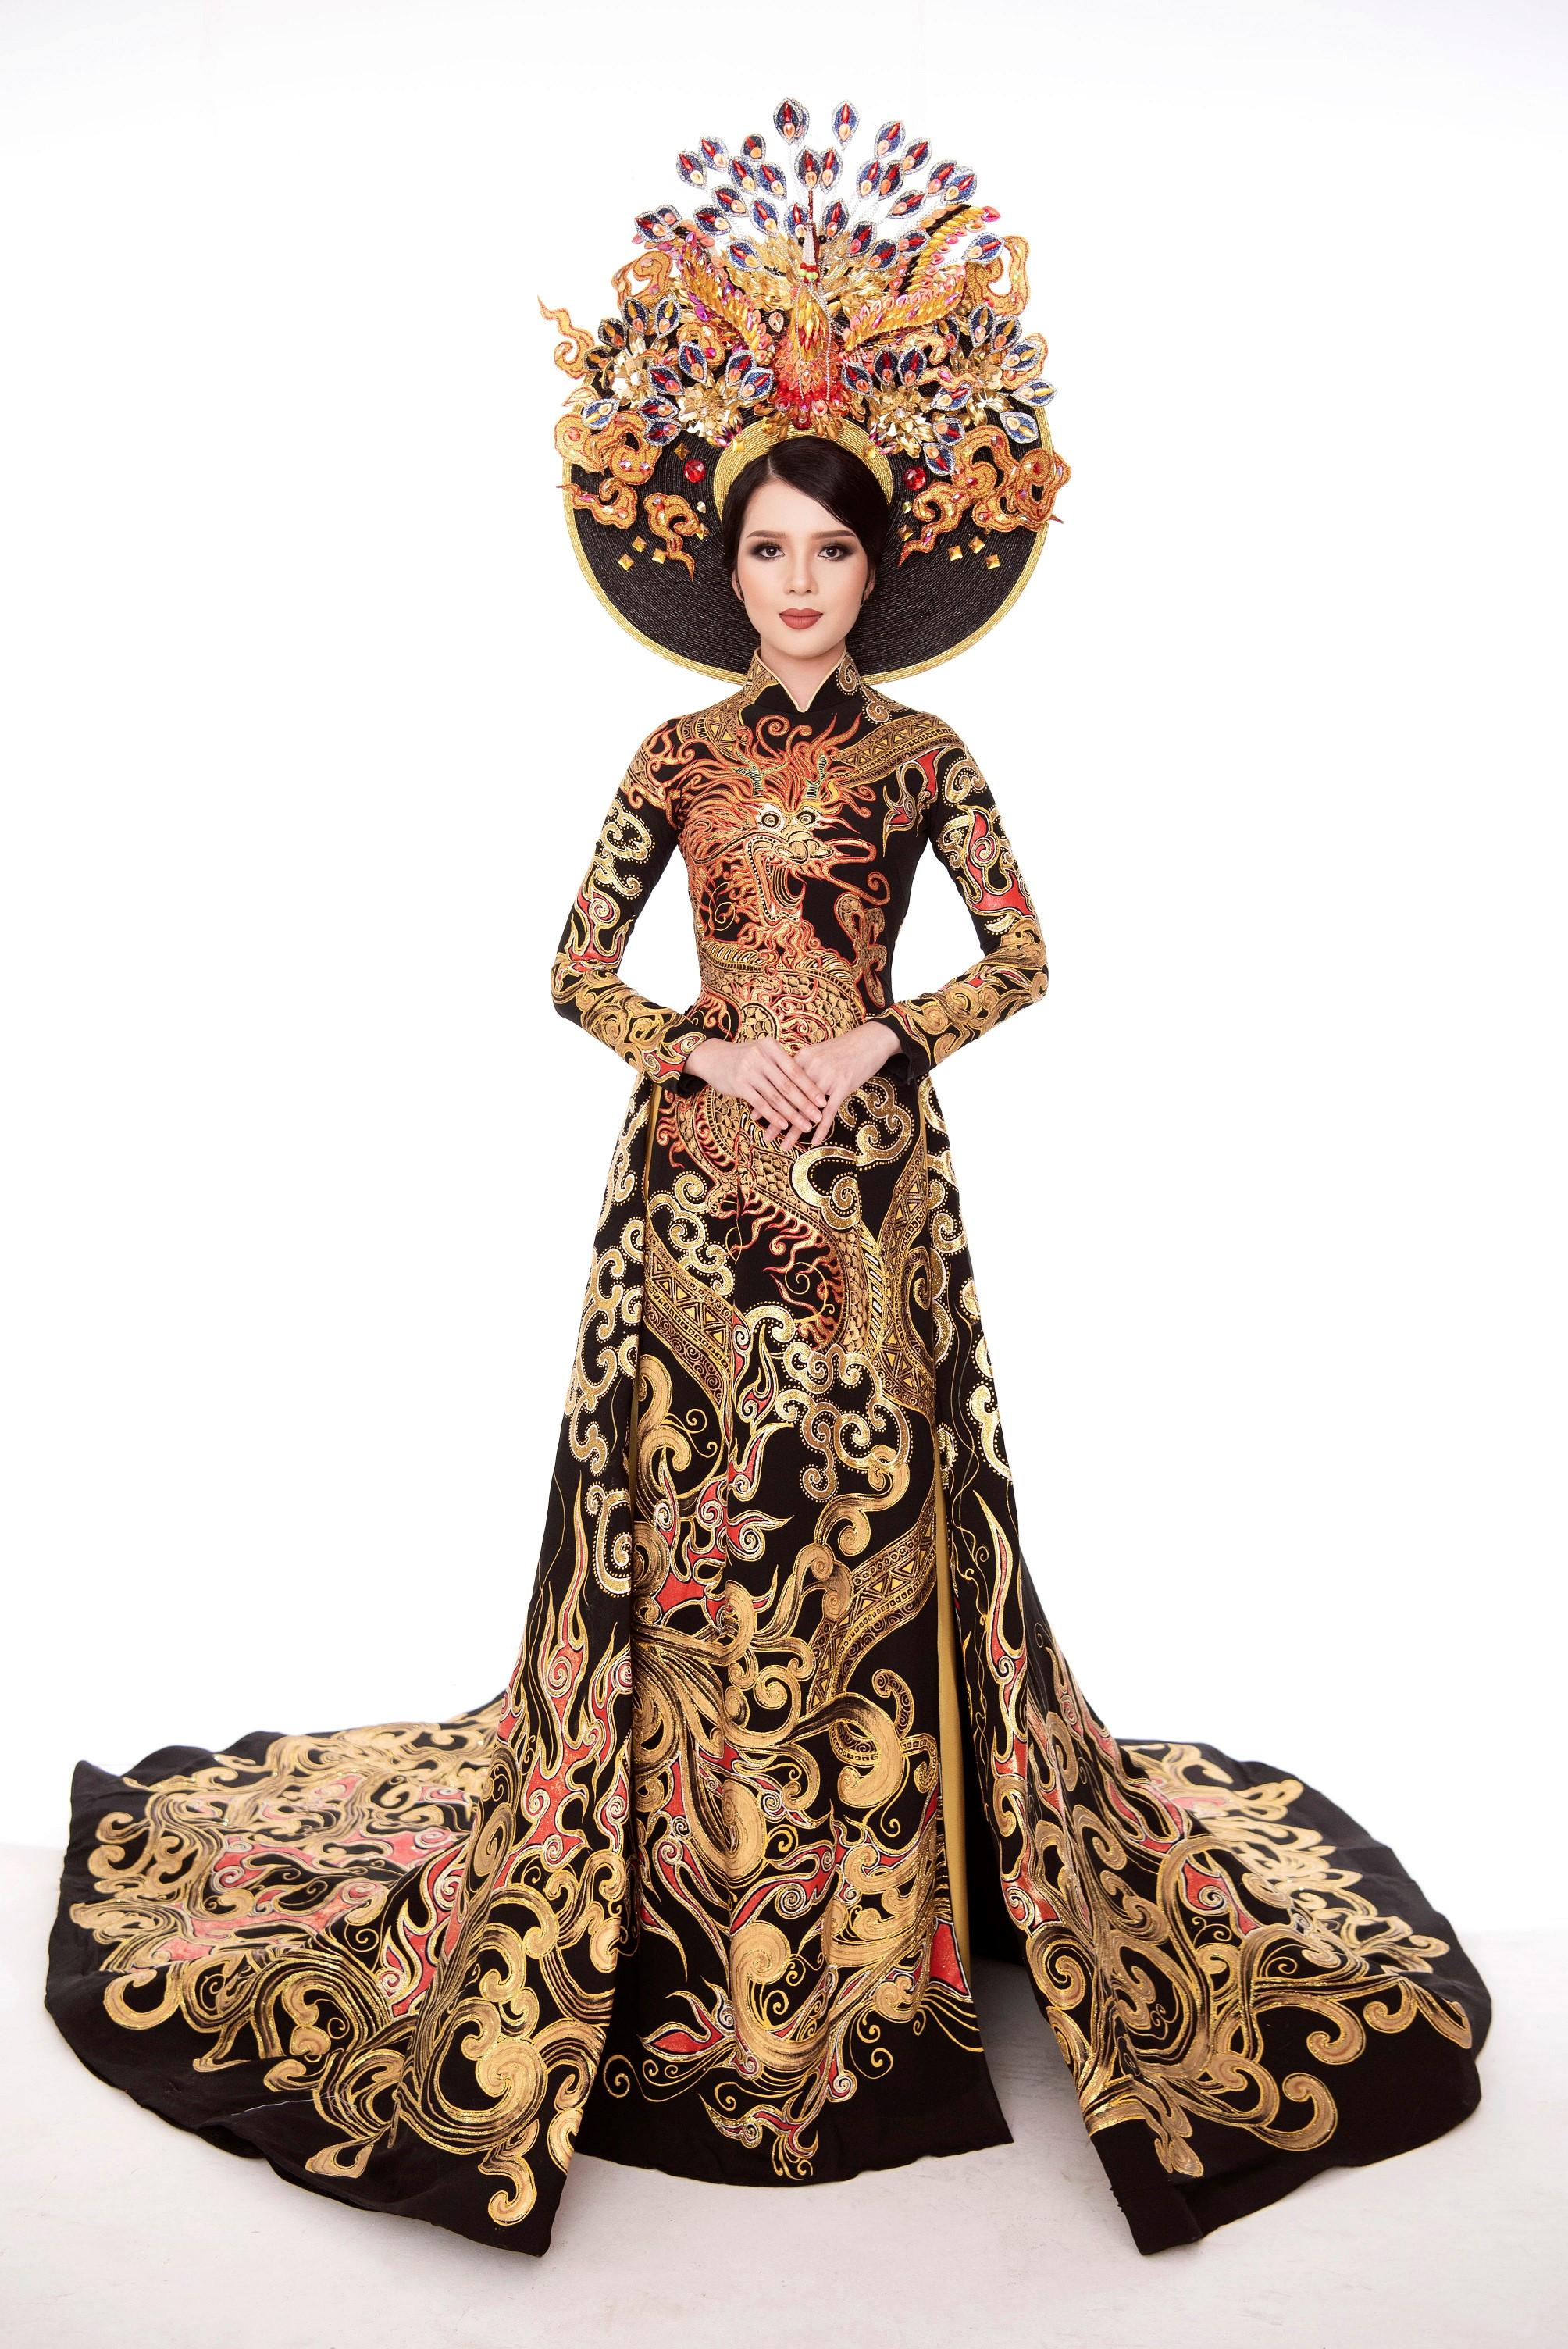 Thúy Vi đạt á quân trang phục dân tộc tại cuộc thi Hoa hậu châu Á-TBD Ảnh 2